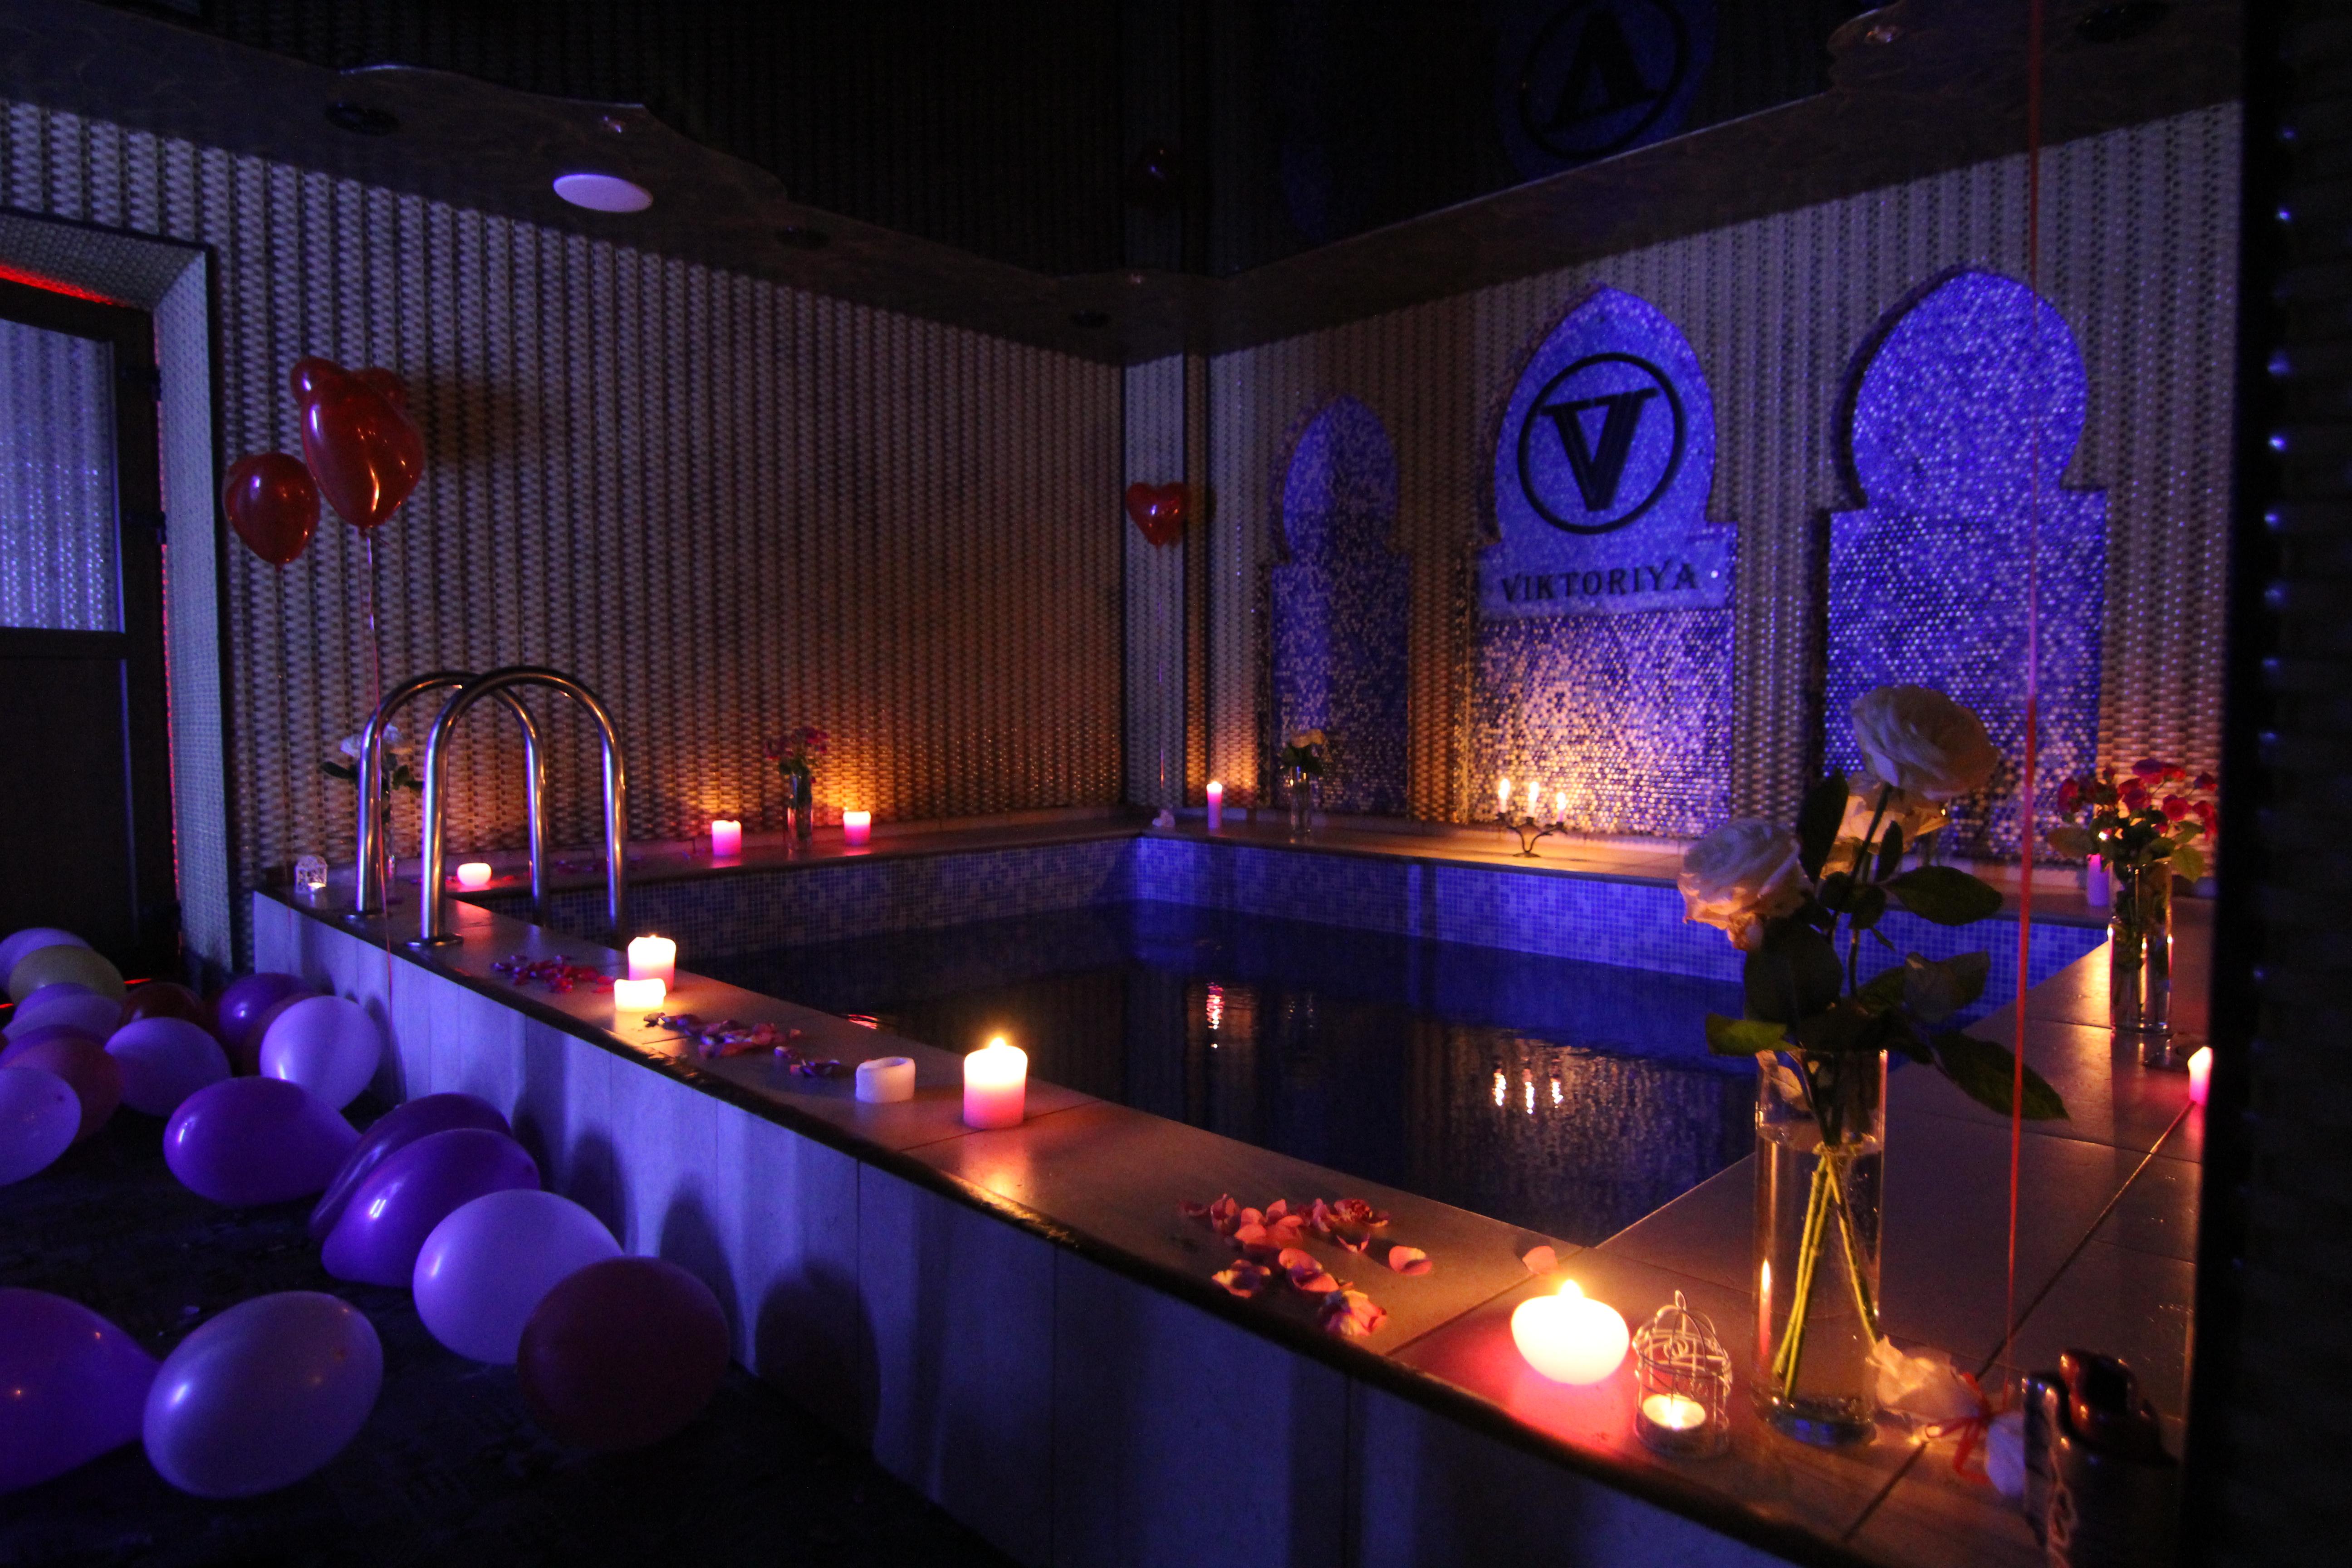 Альтечо, Романтический ужин в бассейне (15)